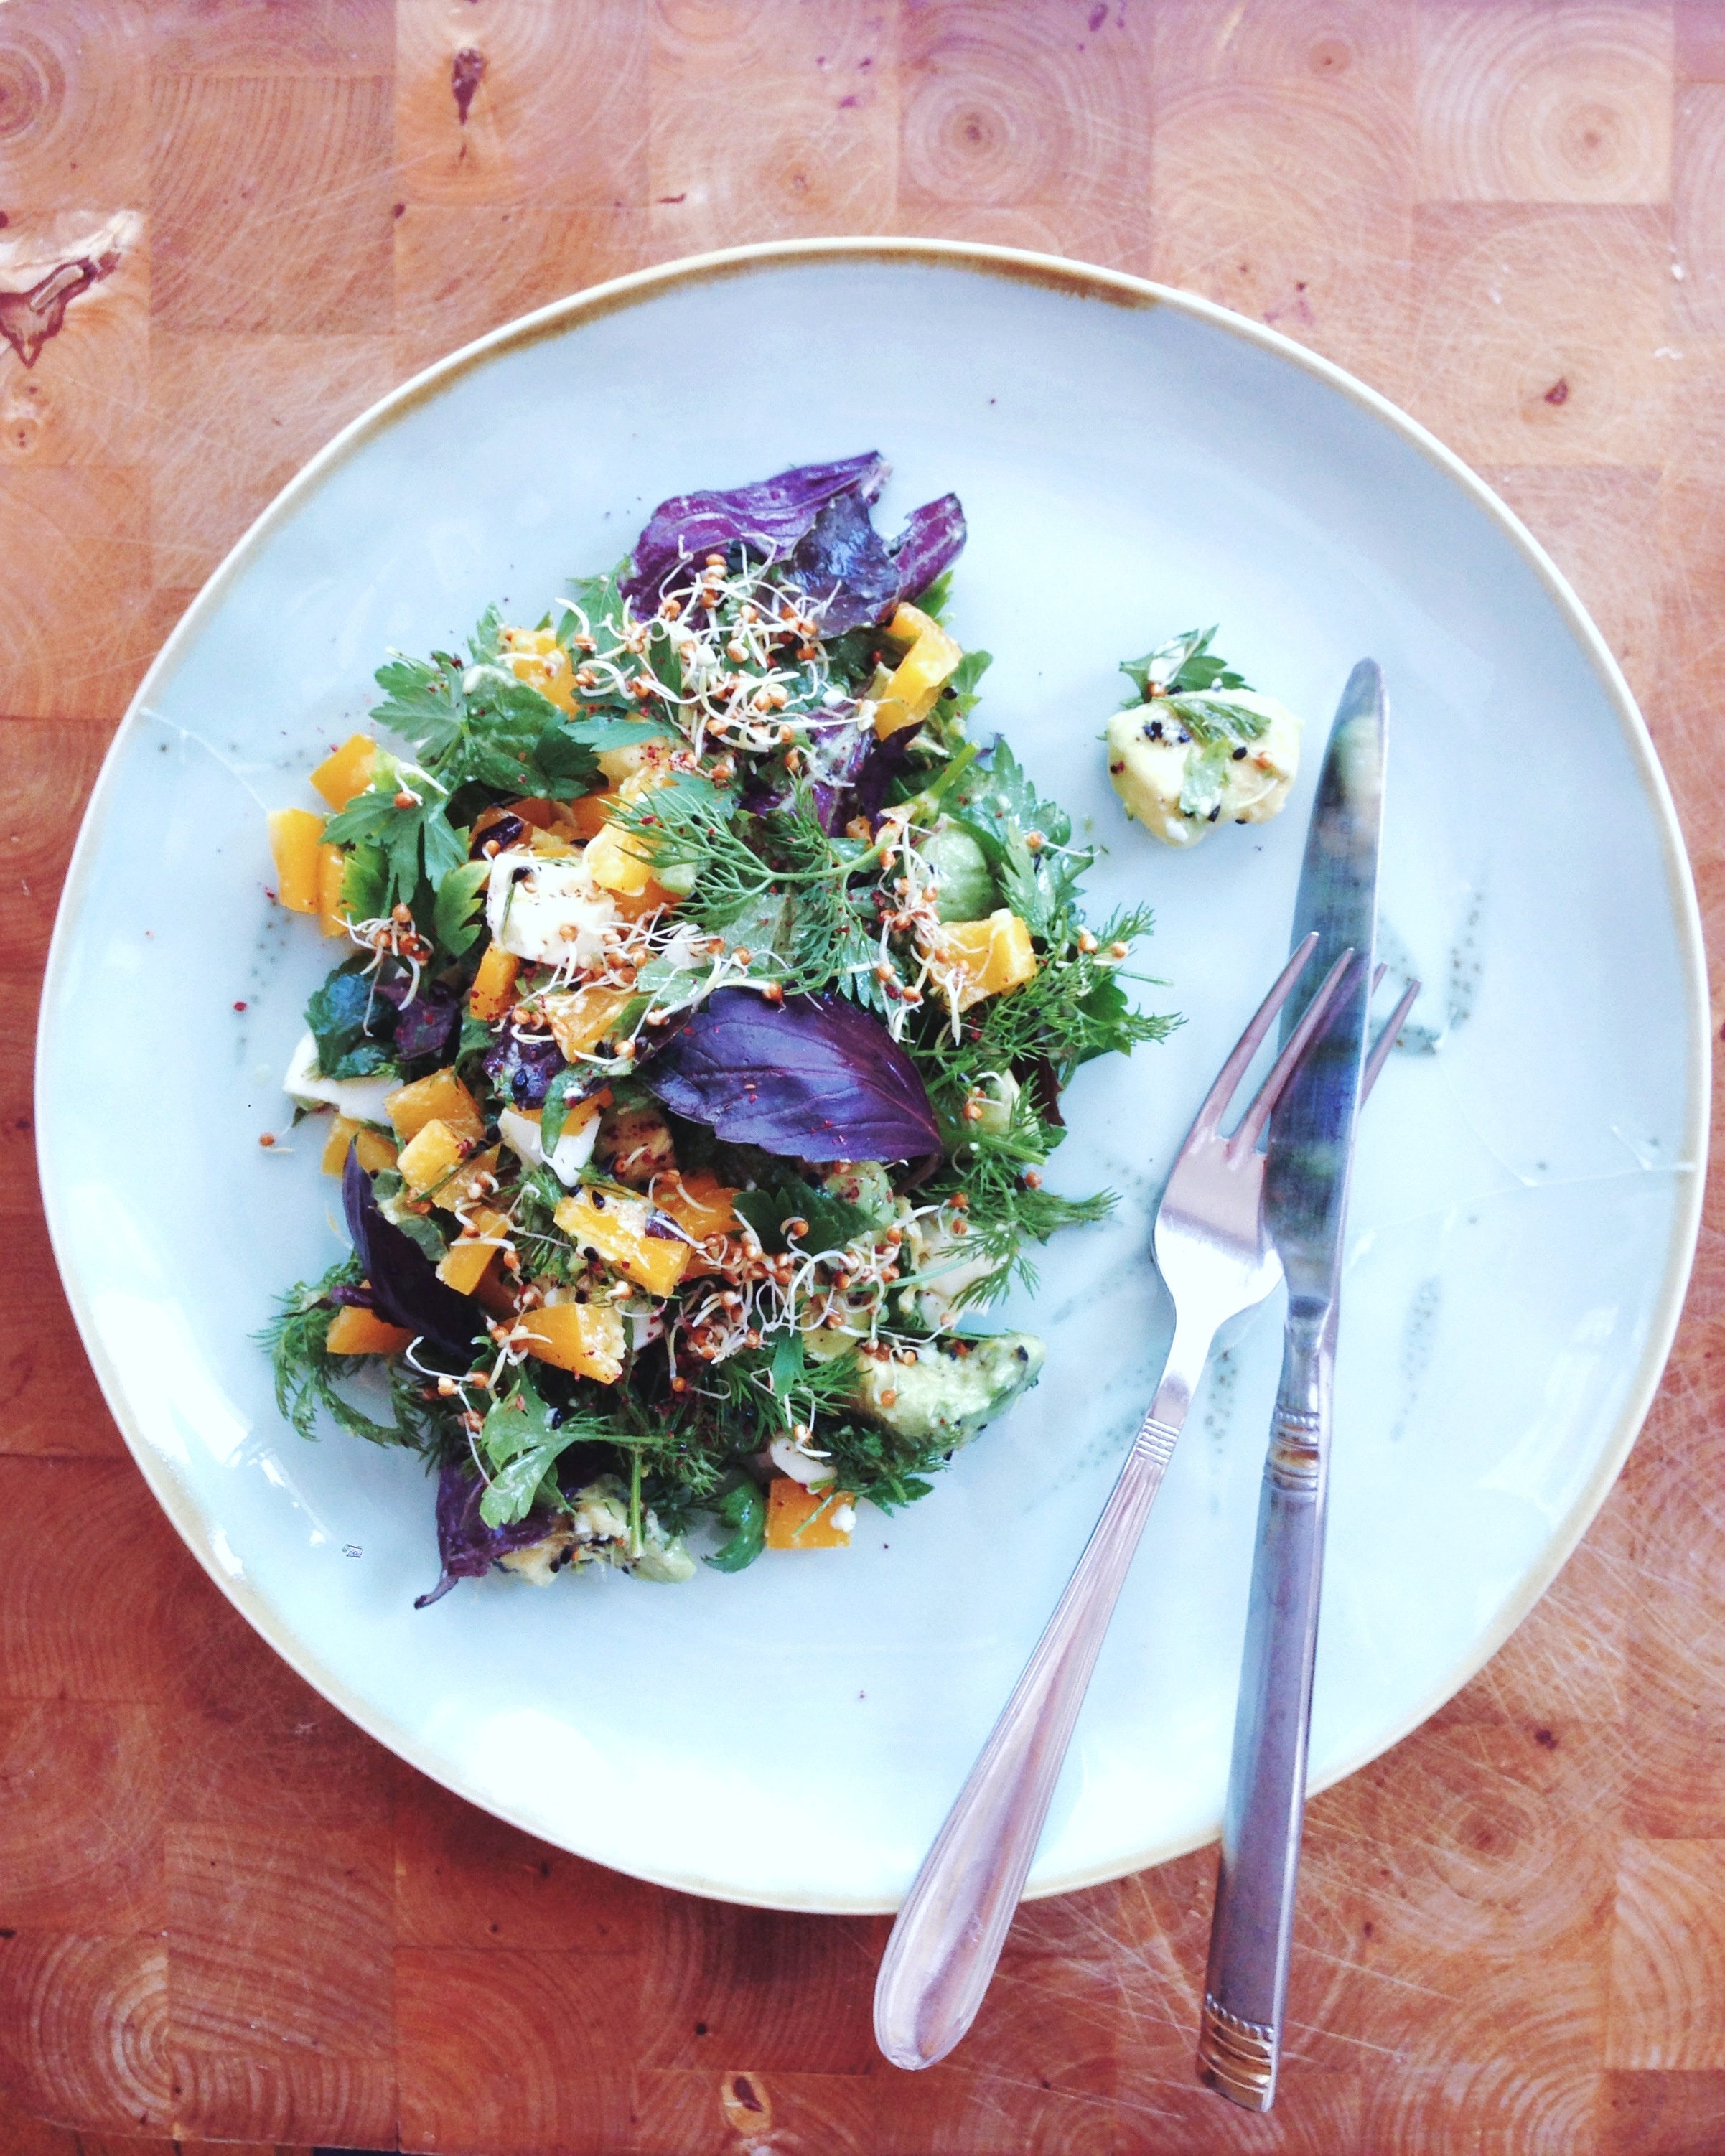 Regenbogensalat mit reichlich Kräutern